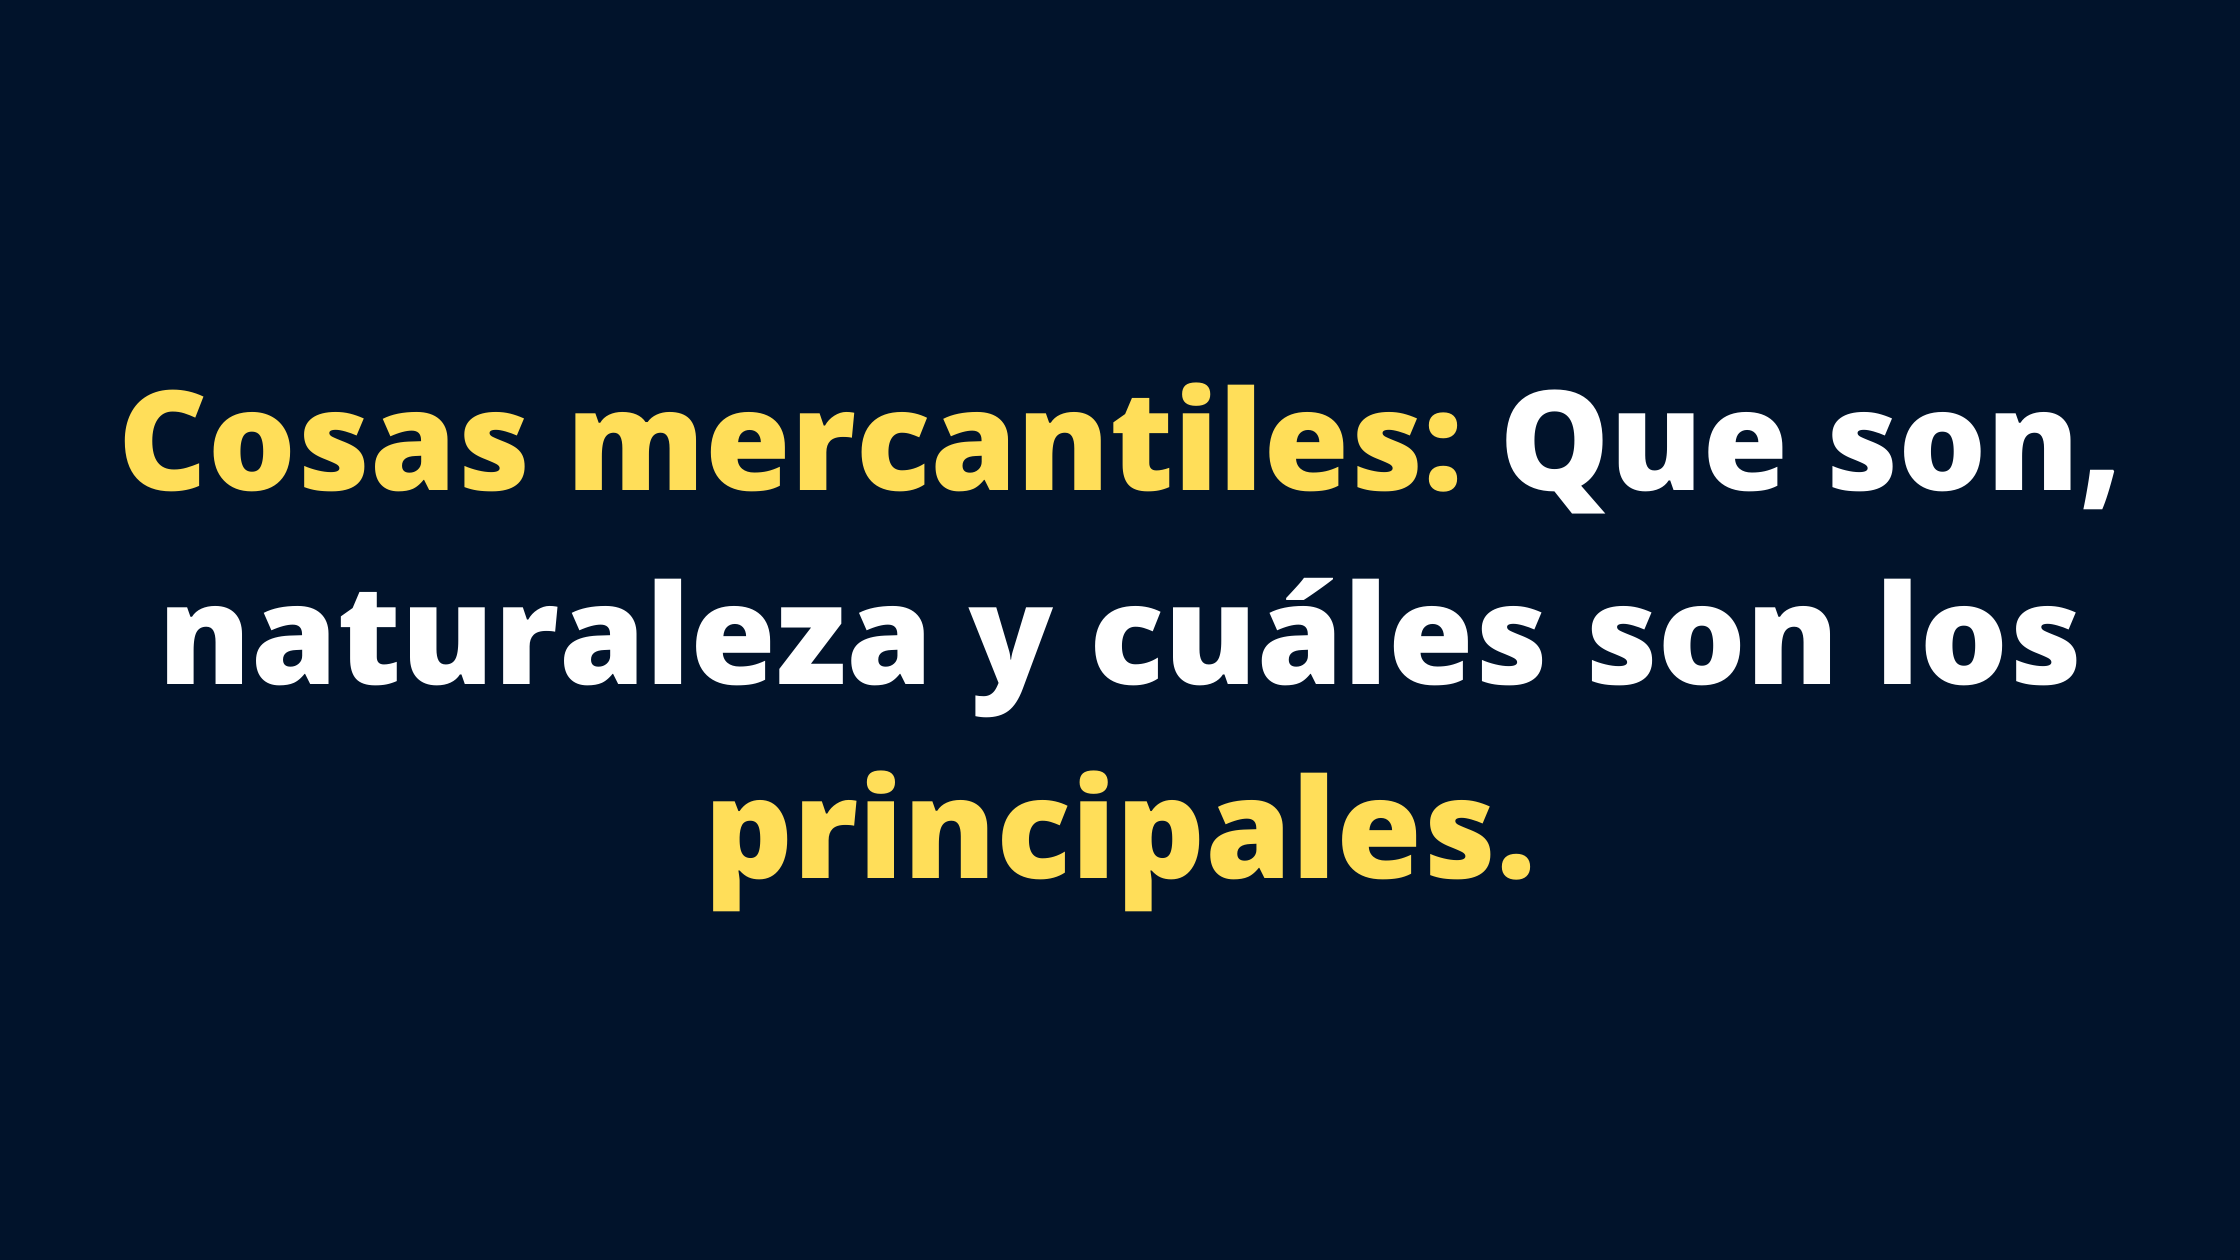 Cosas mercantiles: Que son, naturaleza y cuáles son los principales.